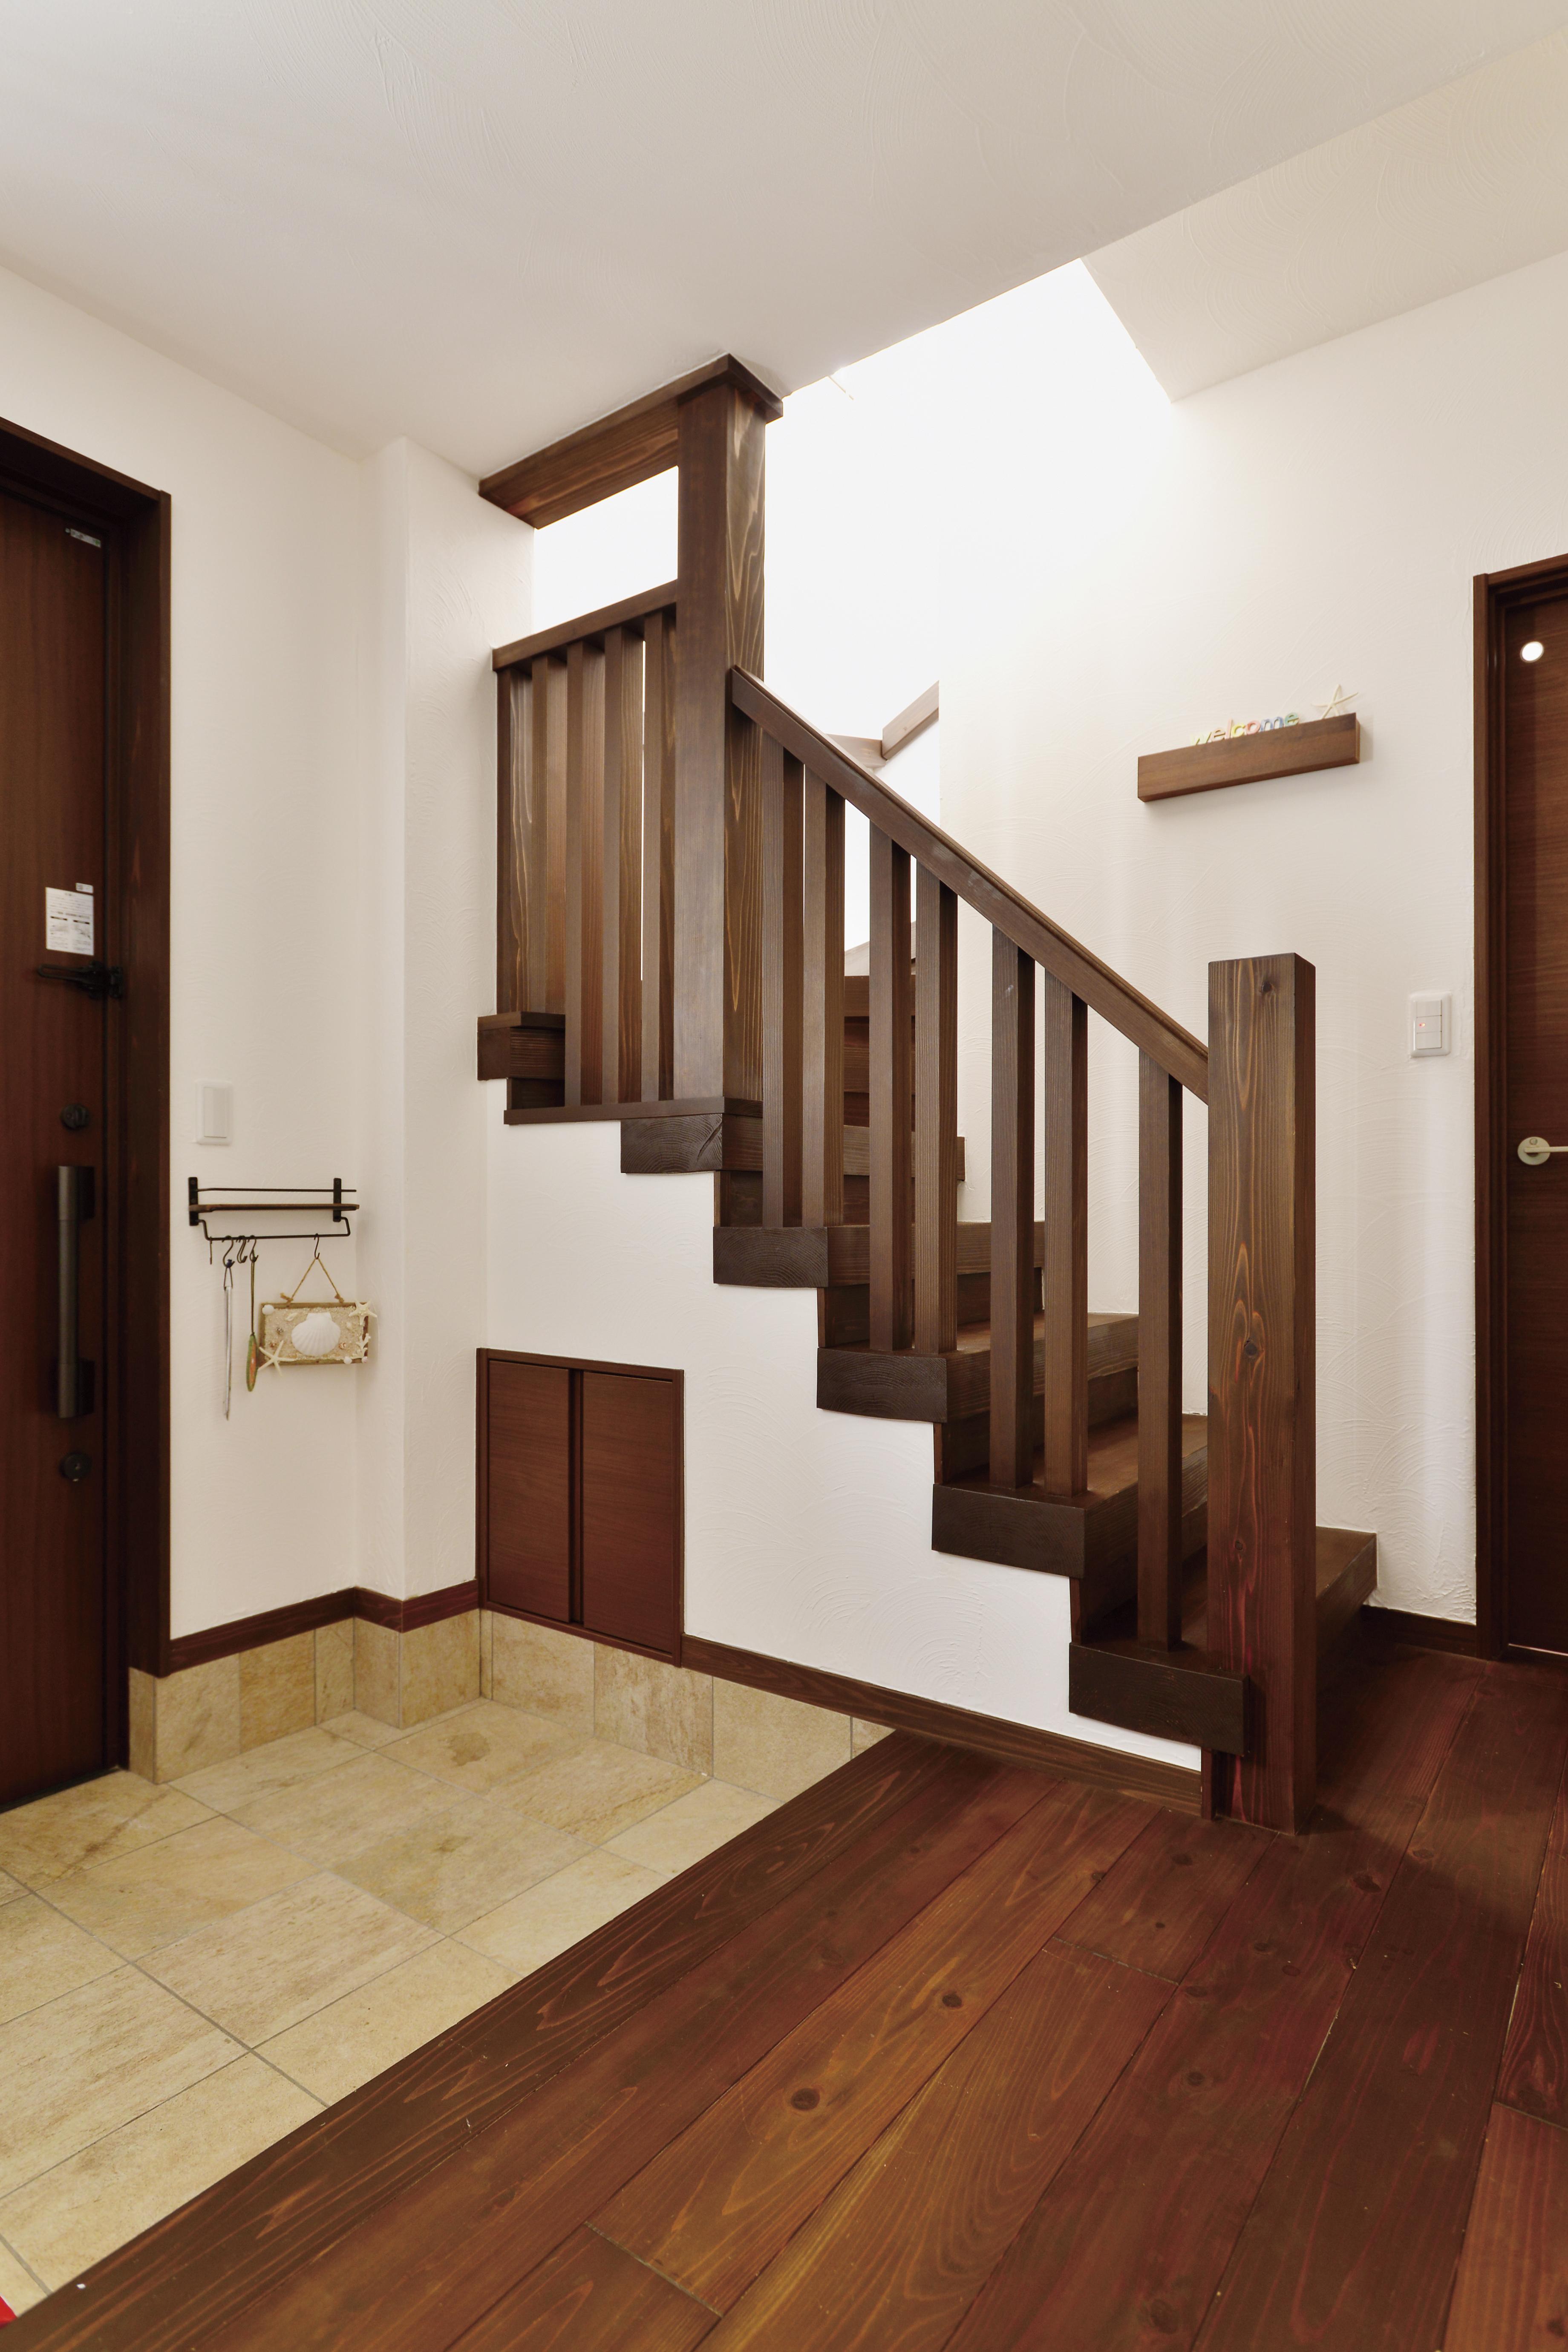 お友達の家と同じ階段